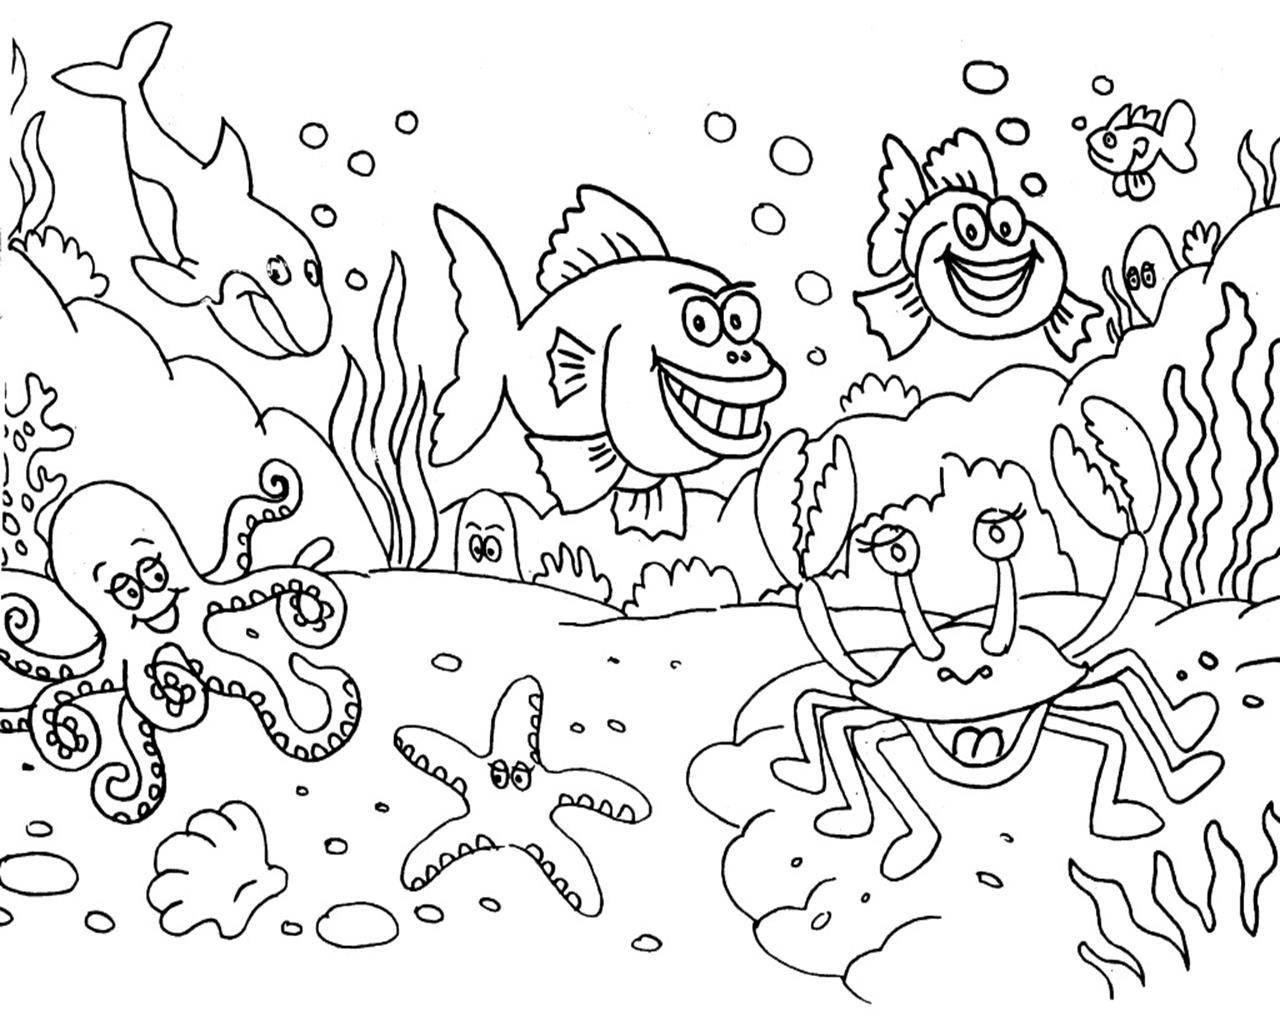 Contoh Mewarnai Hewan Laut